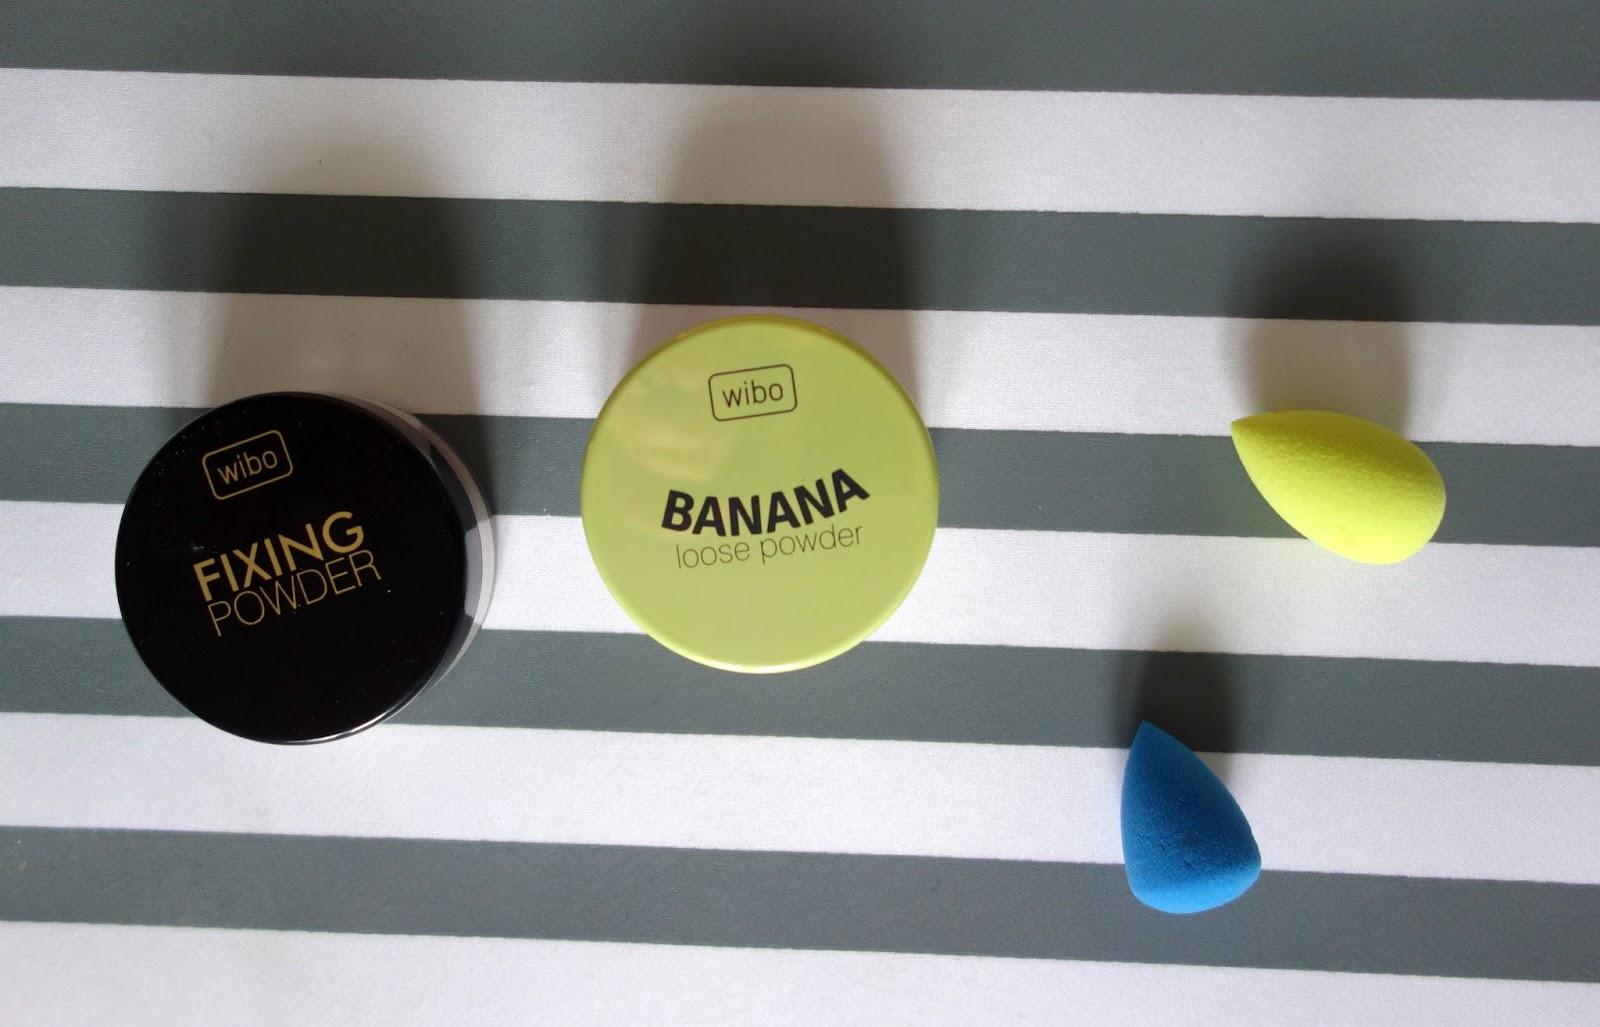 Pudry sypki Wibo Fixing & Banana - który lepszy? | Porównanie + swatche